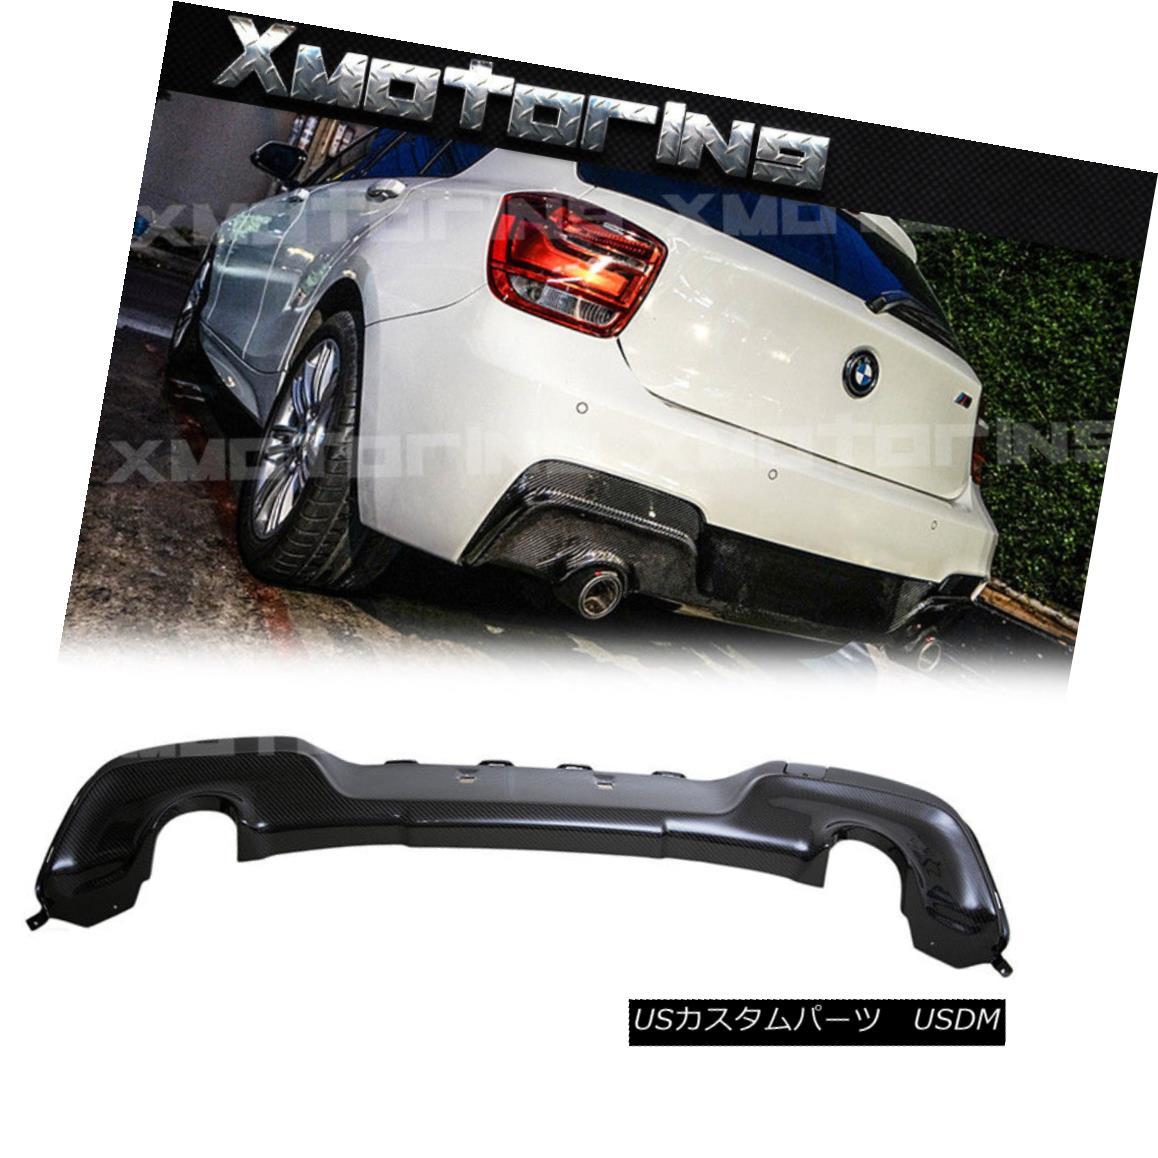 エアロパーツ For BMW 11-14 BMW 11-14 F20 BMW F21 HatchbacK M-Tech Carbon Fiber 3D Look Rear Bumper Diffuser BMW 11-14 F20 F21 HatchbacK M-Tech炭素繊維3Dルックバックディフューザー, OUTFIT:ee1ede6b --- officewill.xsrv.jp